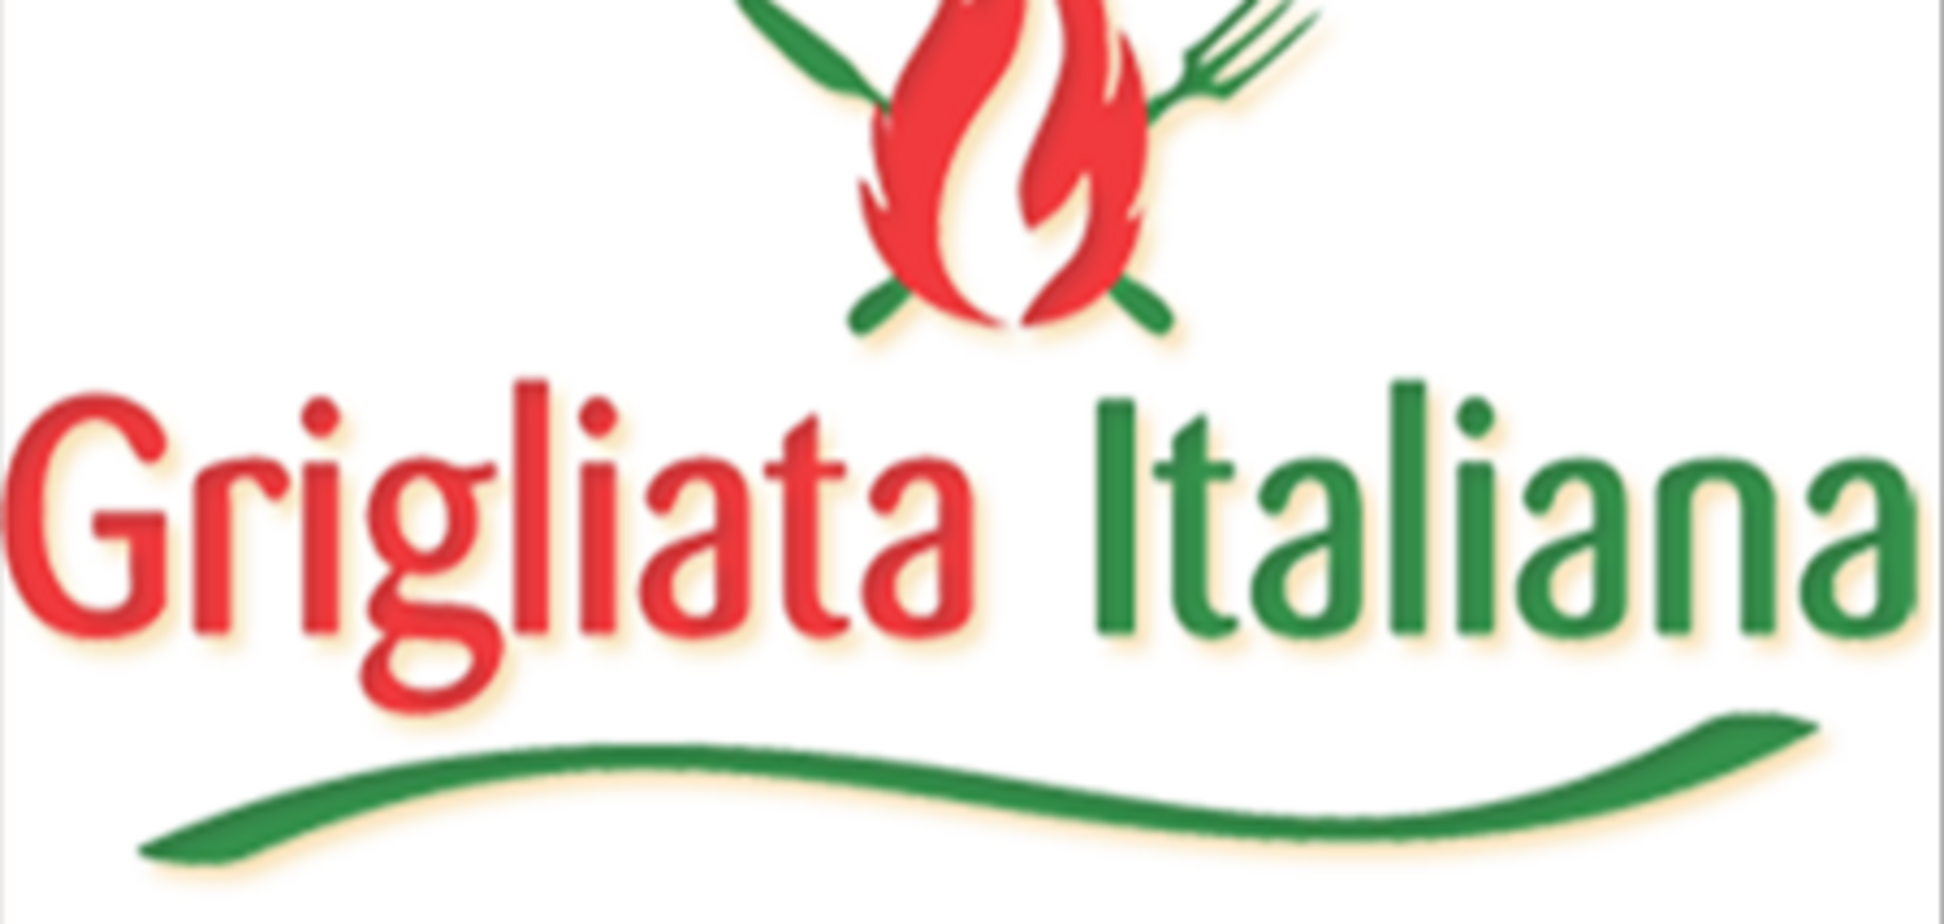 Grigliata Italiana